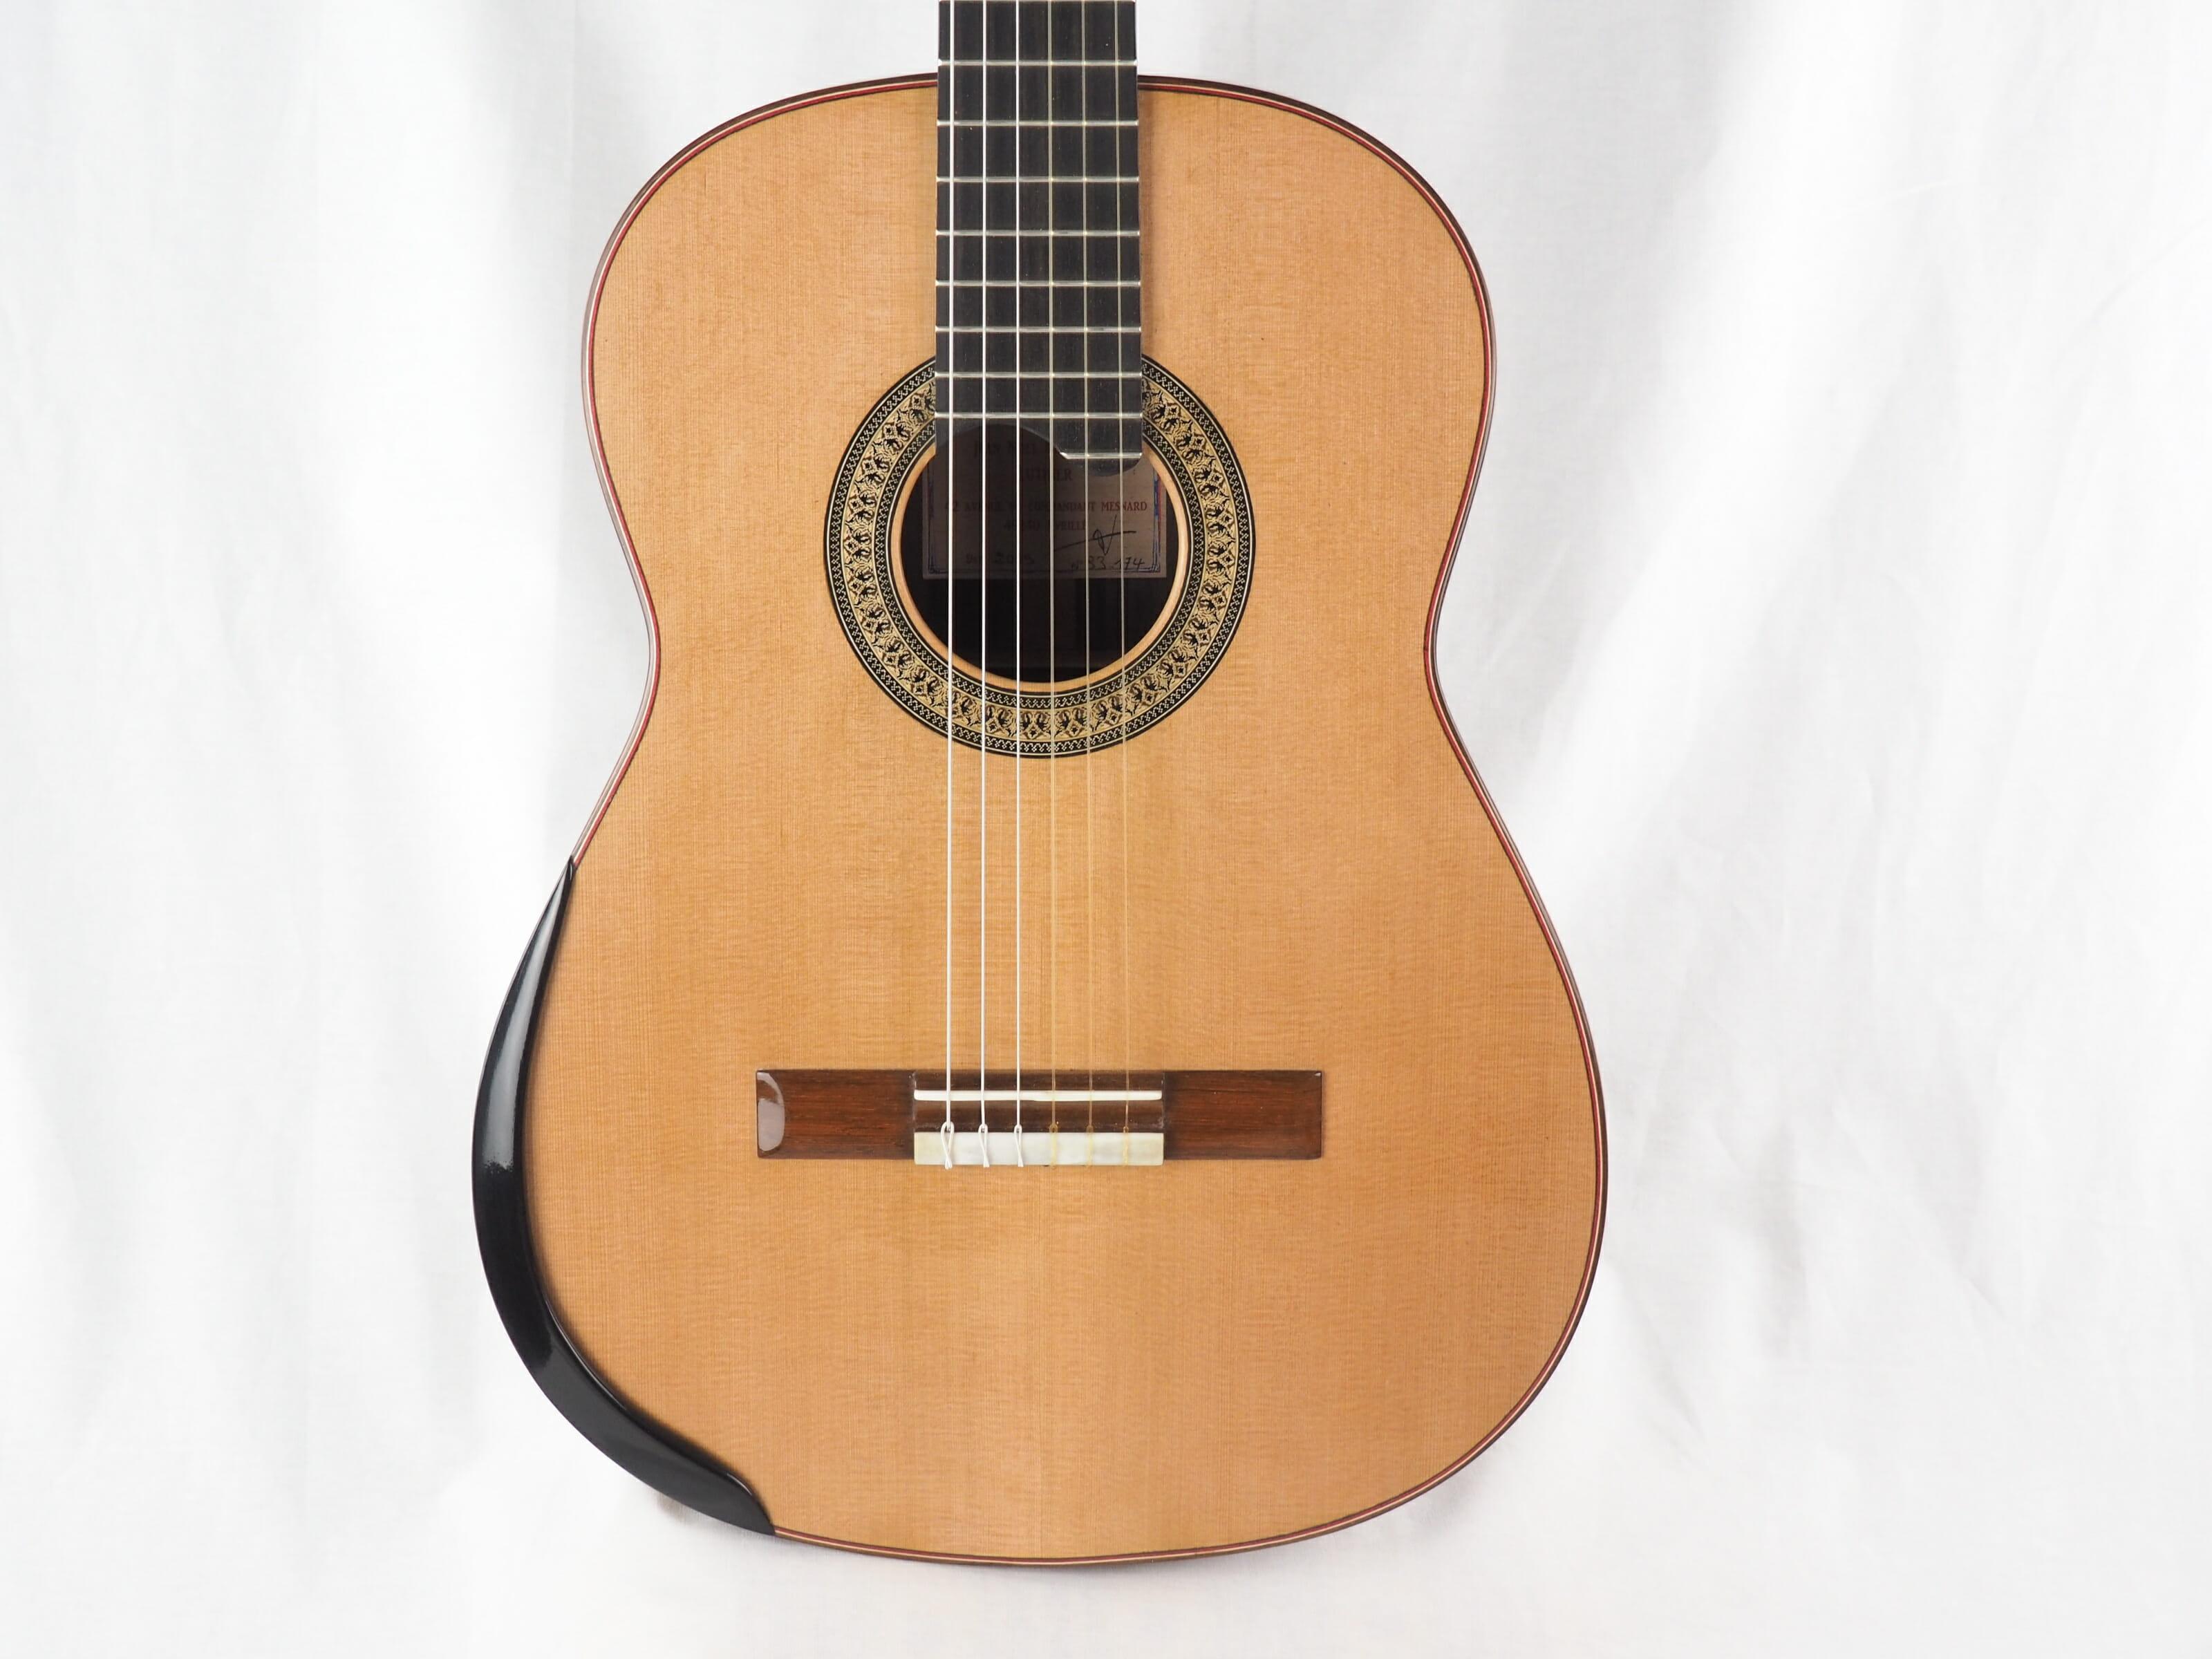 Jean-Noel Lebreton luthier guitare classique No 19LEB192-10